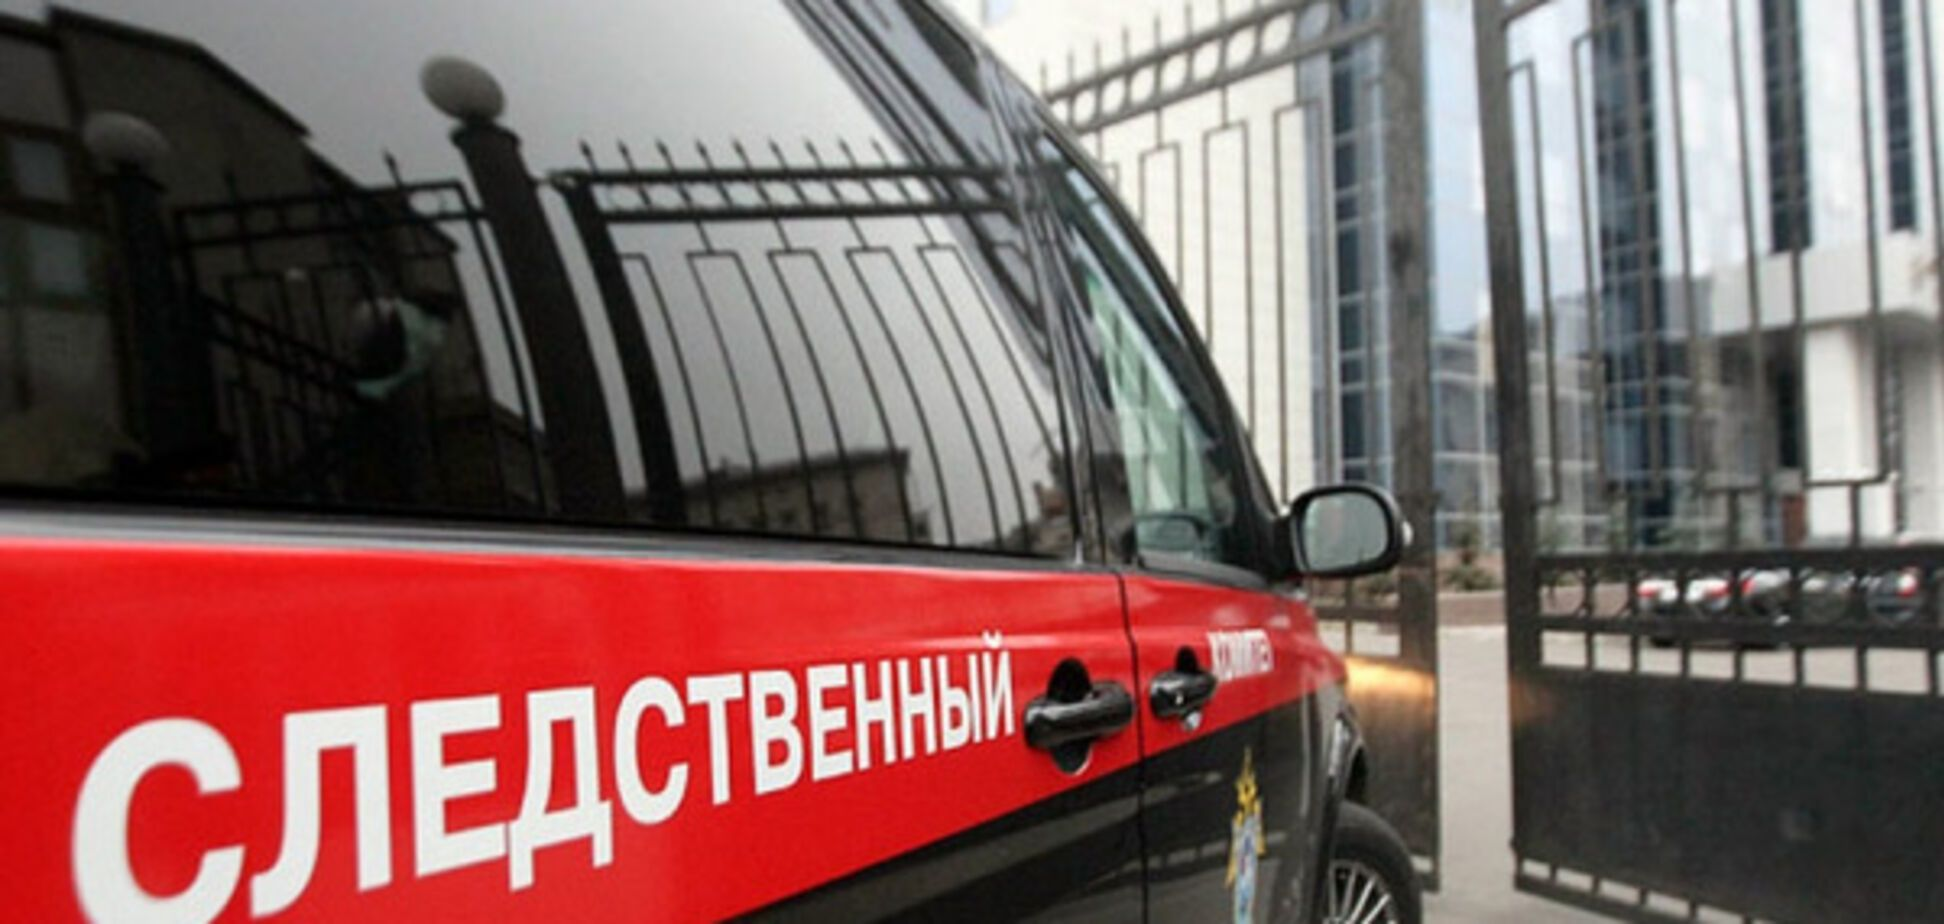 В России задержали организатора перевозки детей, погибших в автокатастрофе